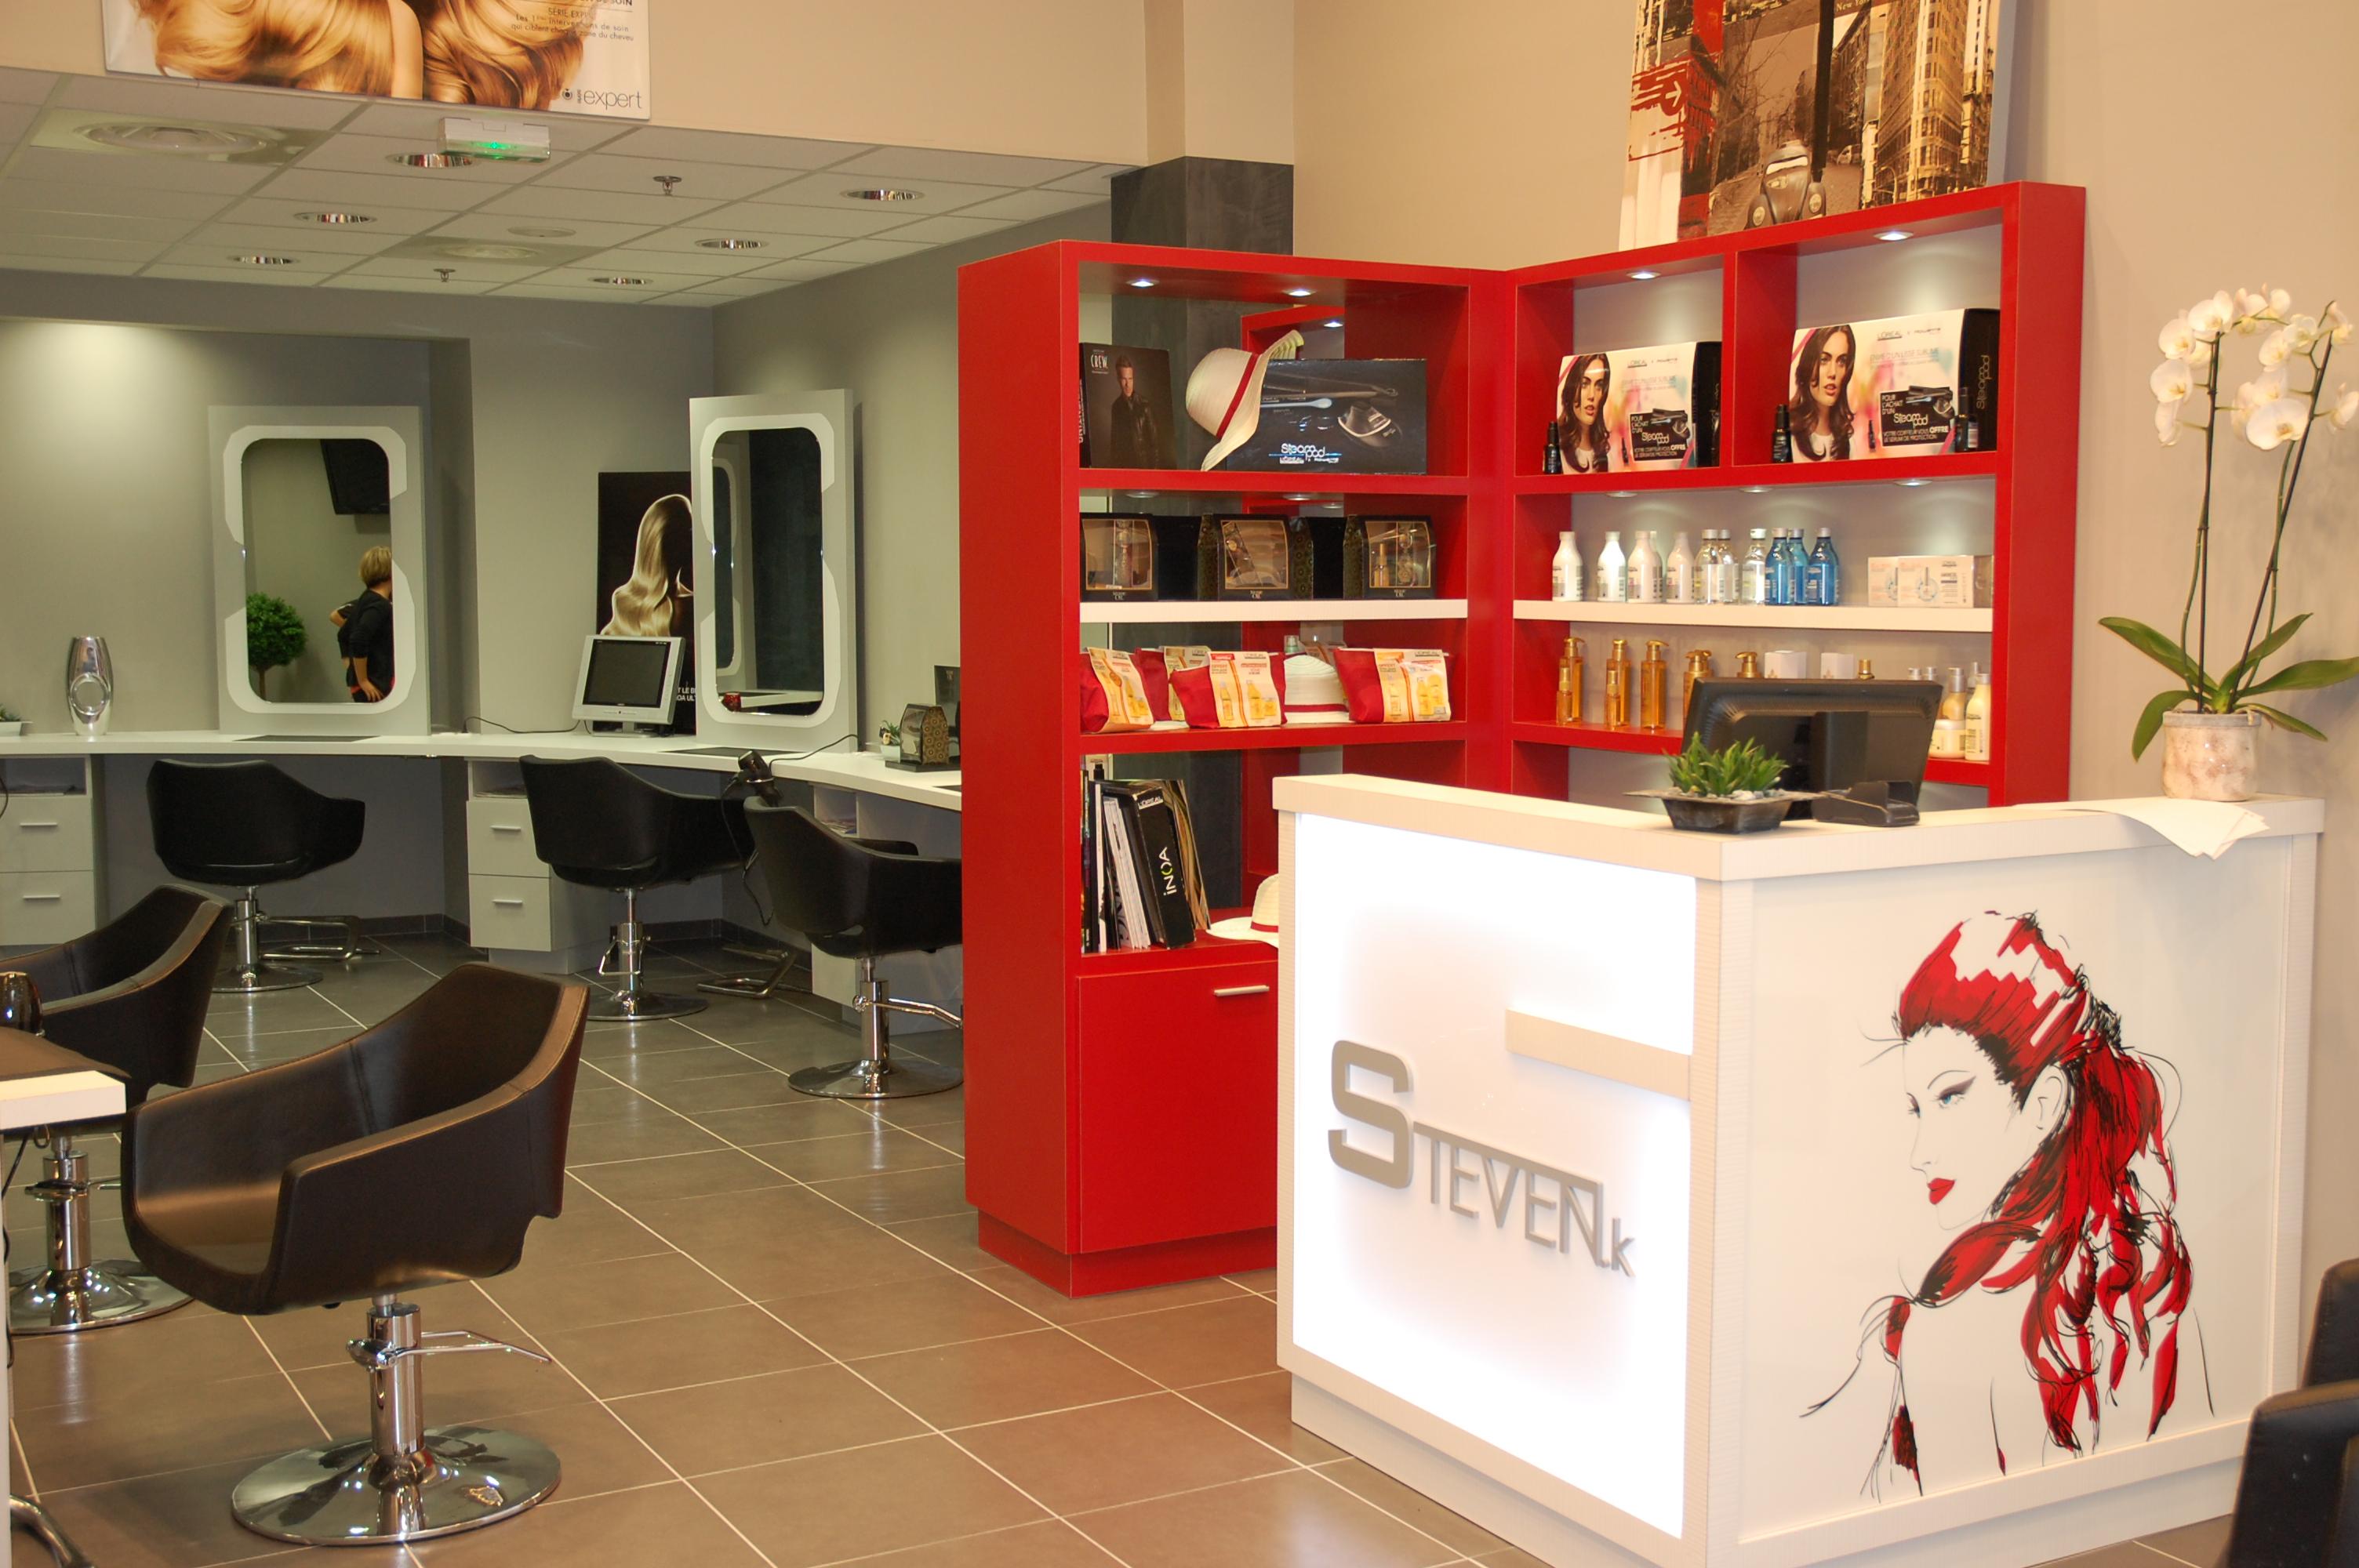 Steven coiffure cc p le sud basse goulaine 44 salon for Salon de coiffure brive